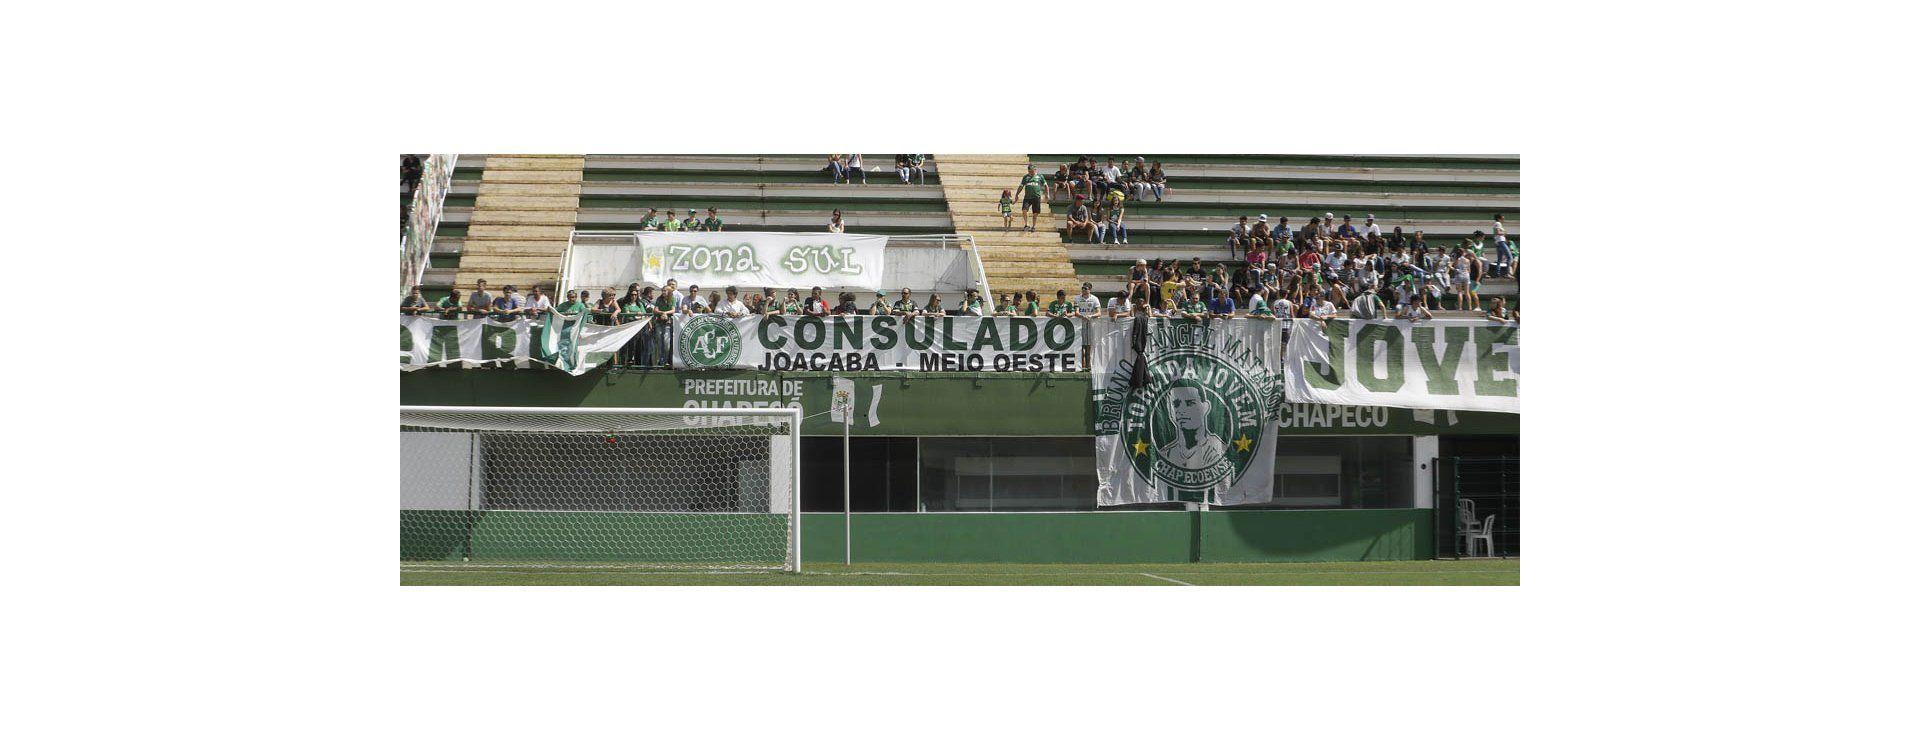 El mundo entero lamenta tragedia del Chapecoense de Brasil